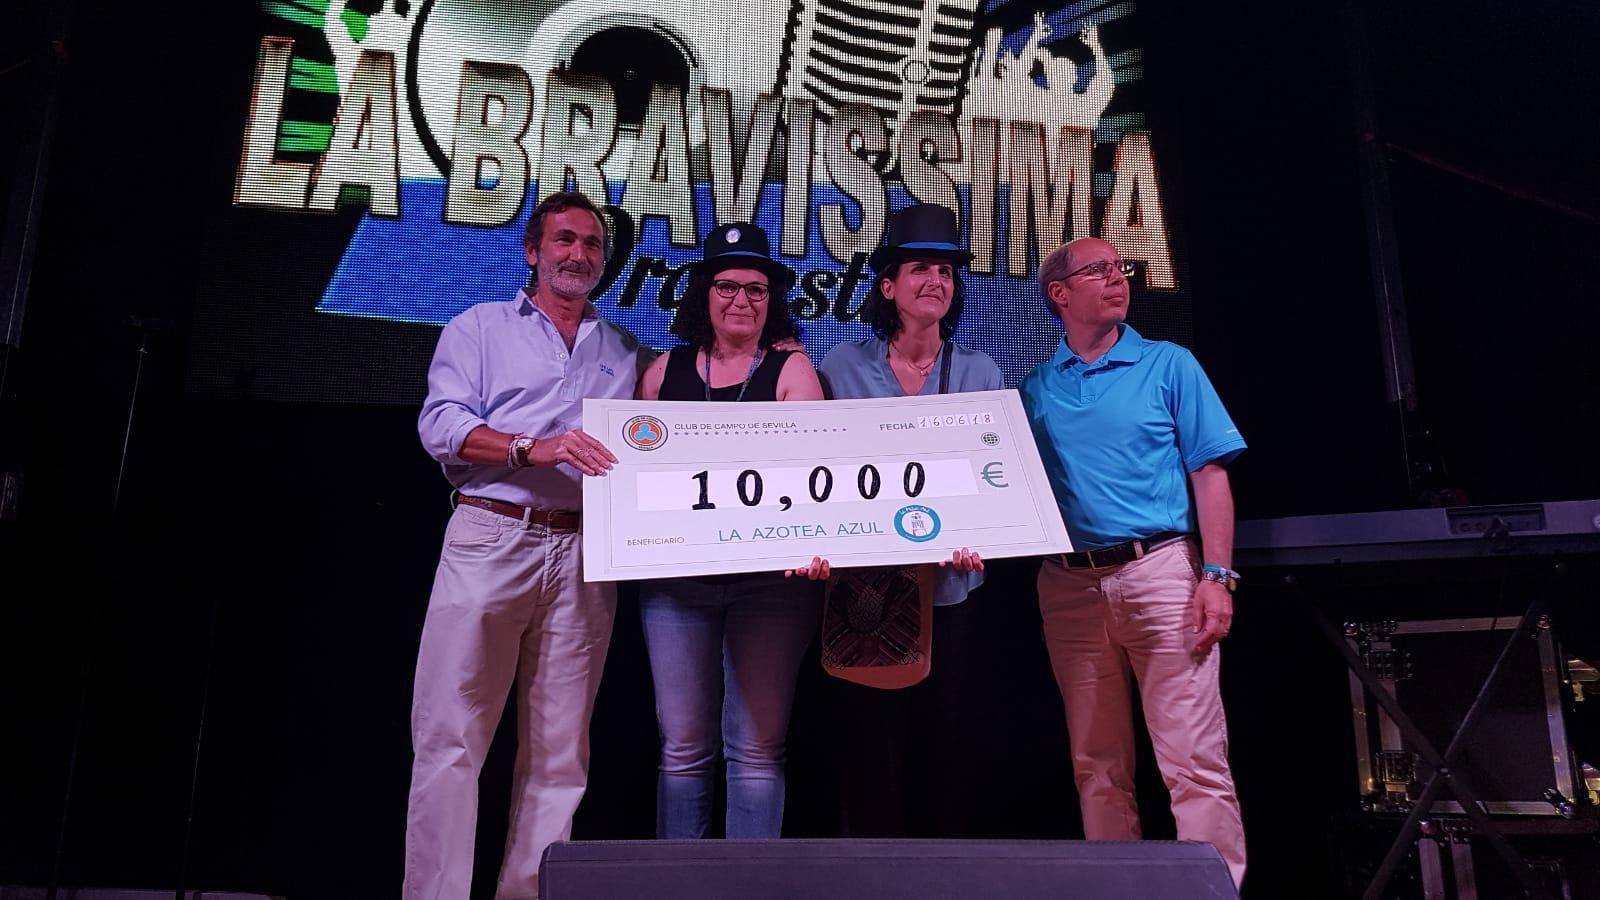 el-club-de-campo-de-sevilla-recauda-10000-euros-para-la-azotea-azul-5